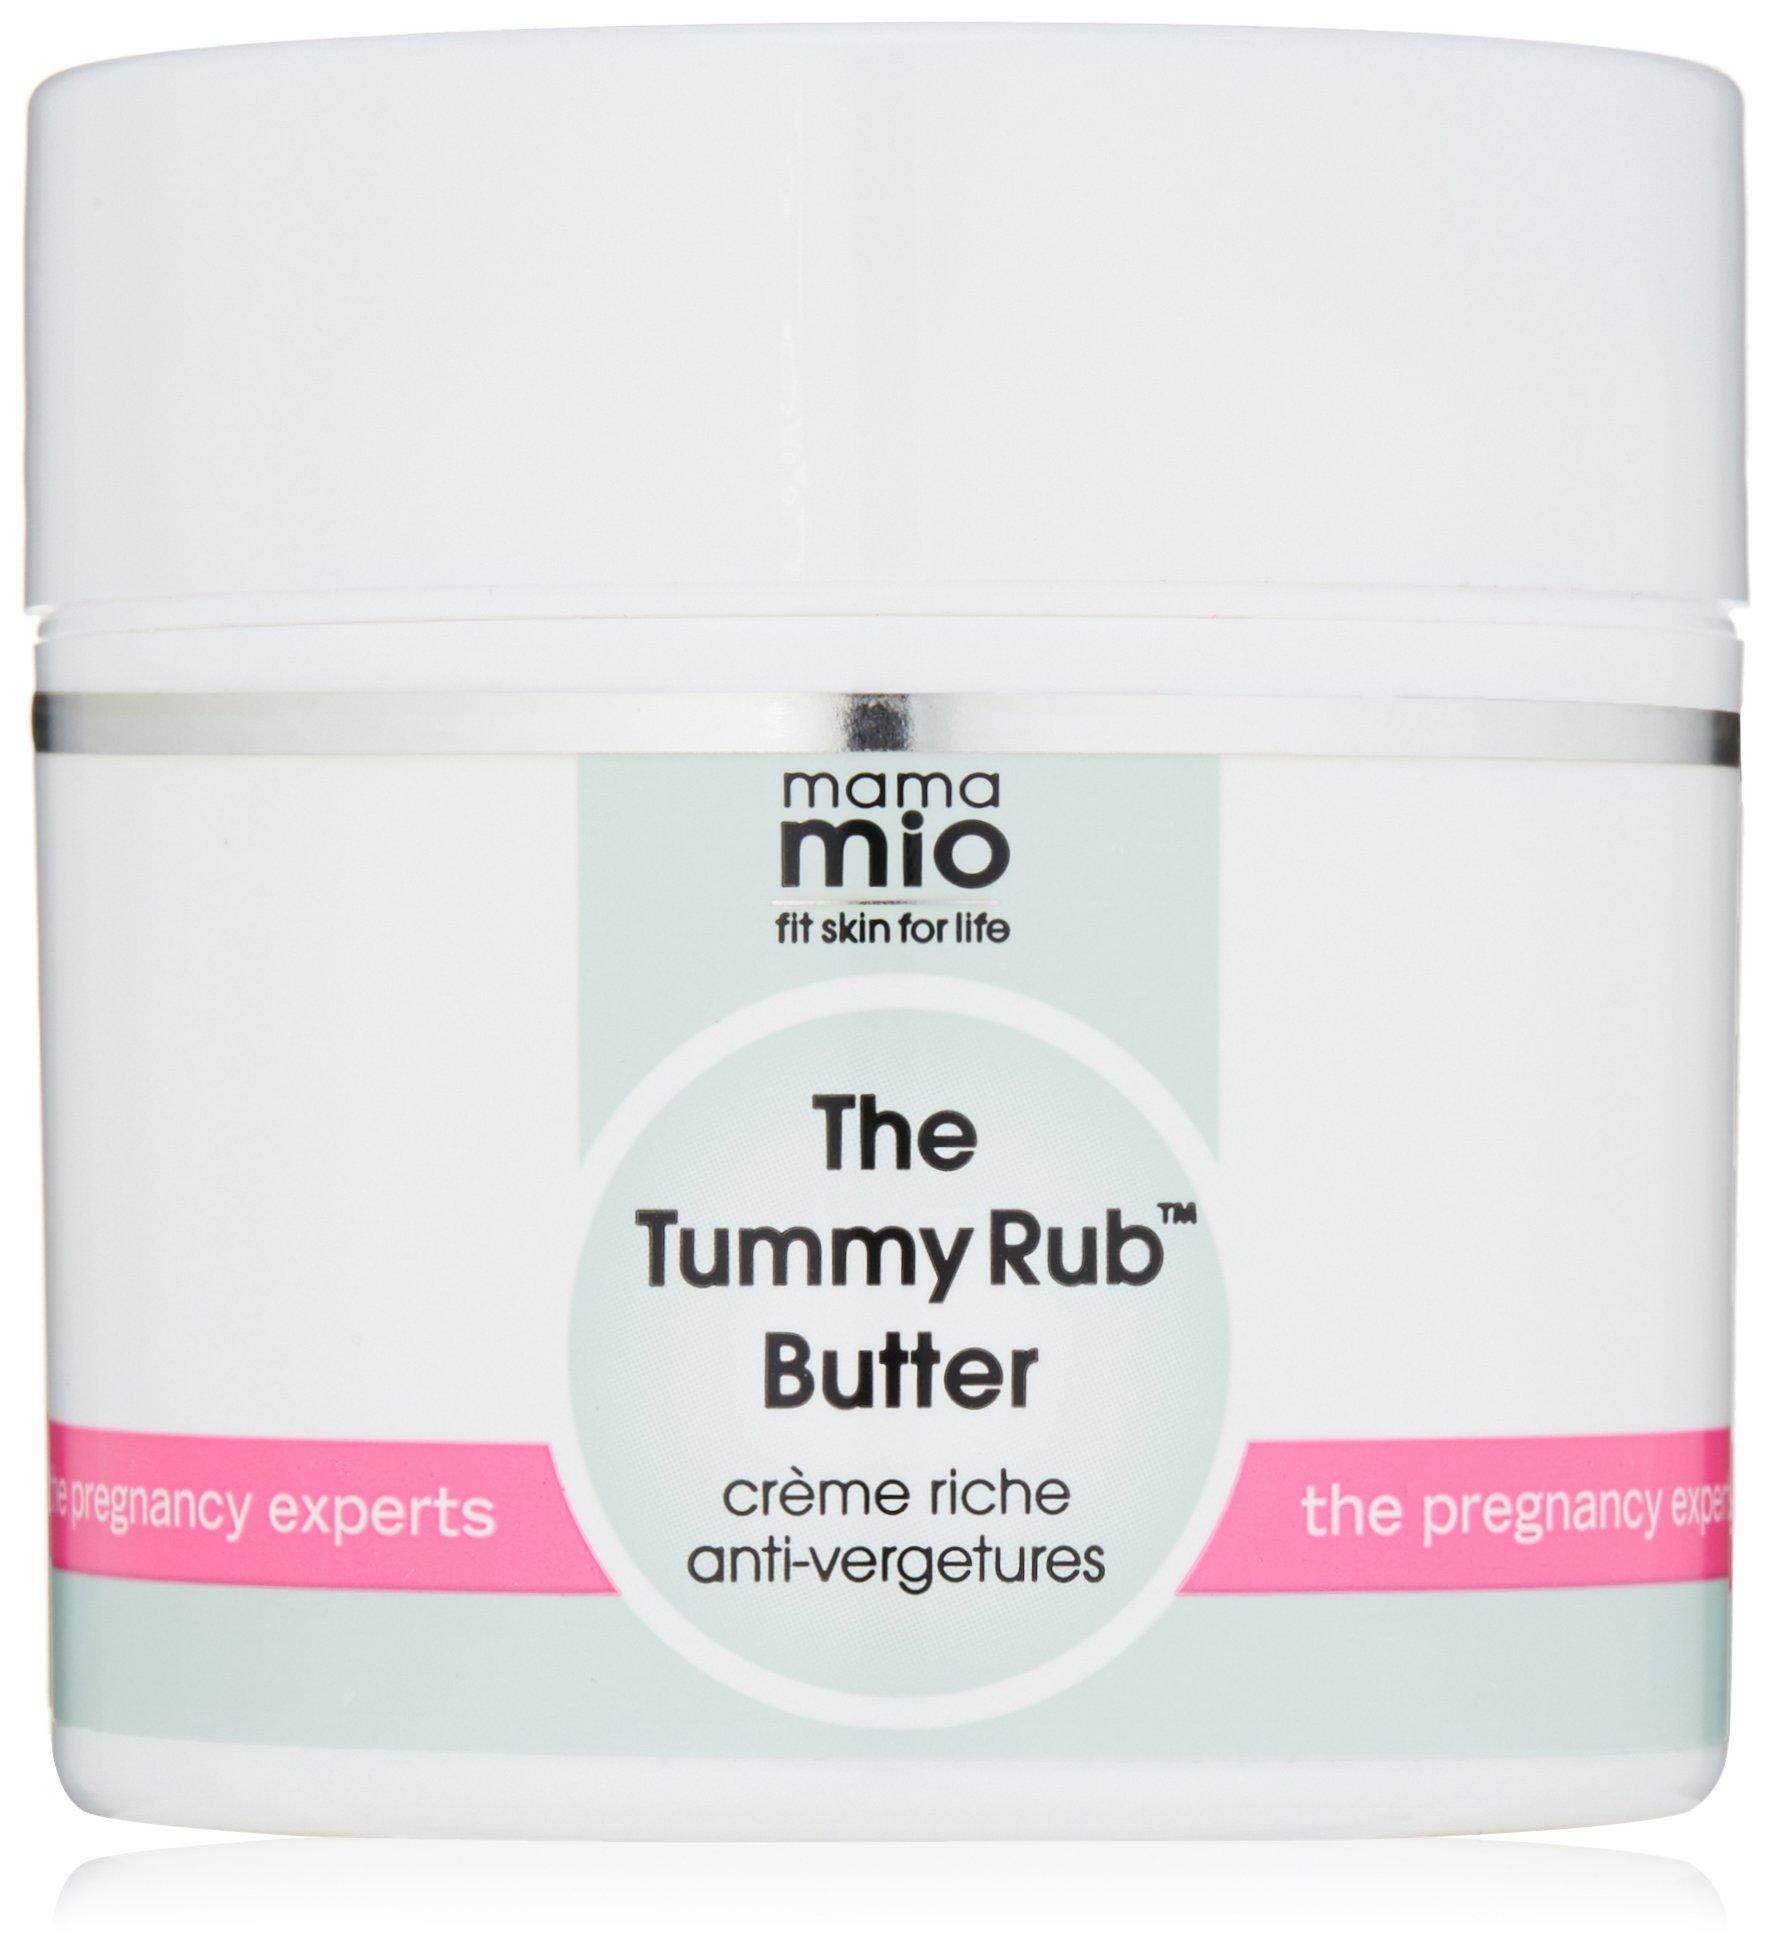 Mama Mio The Tummy Rub Butter ,4.1 Fl Oz